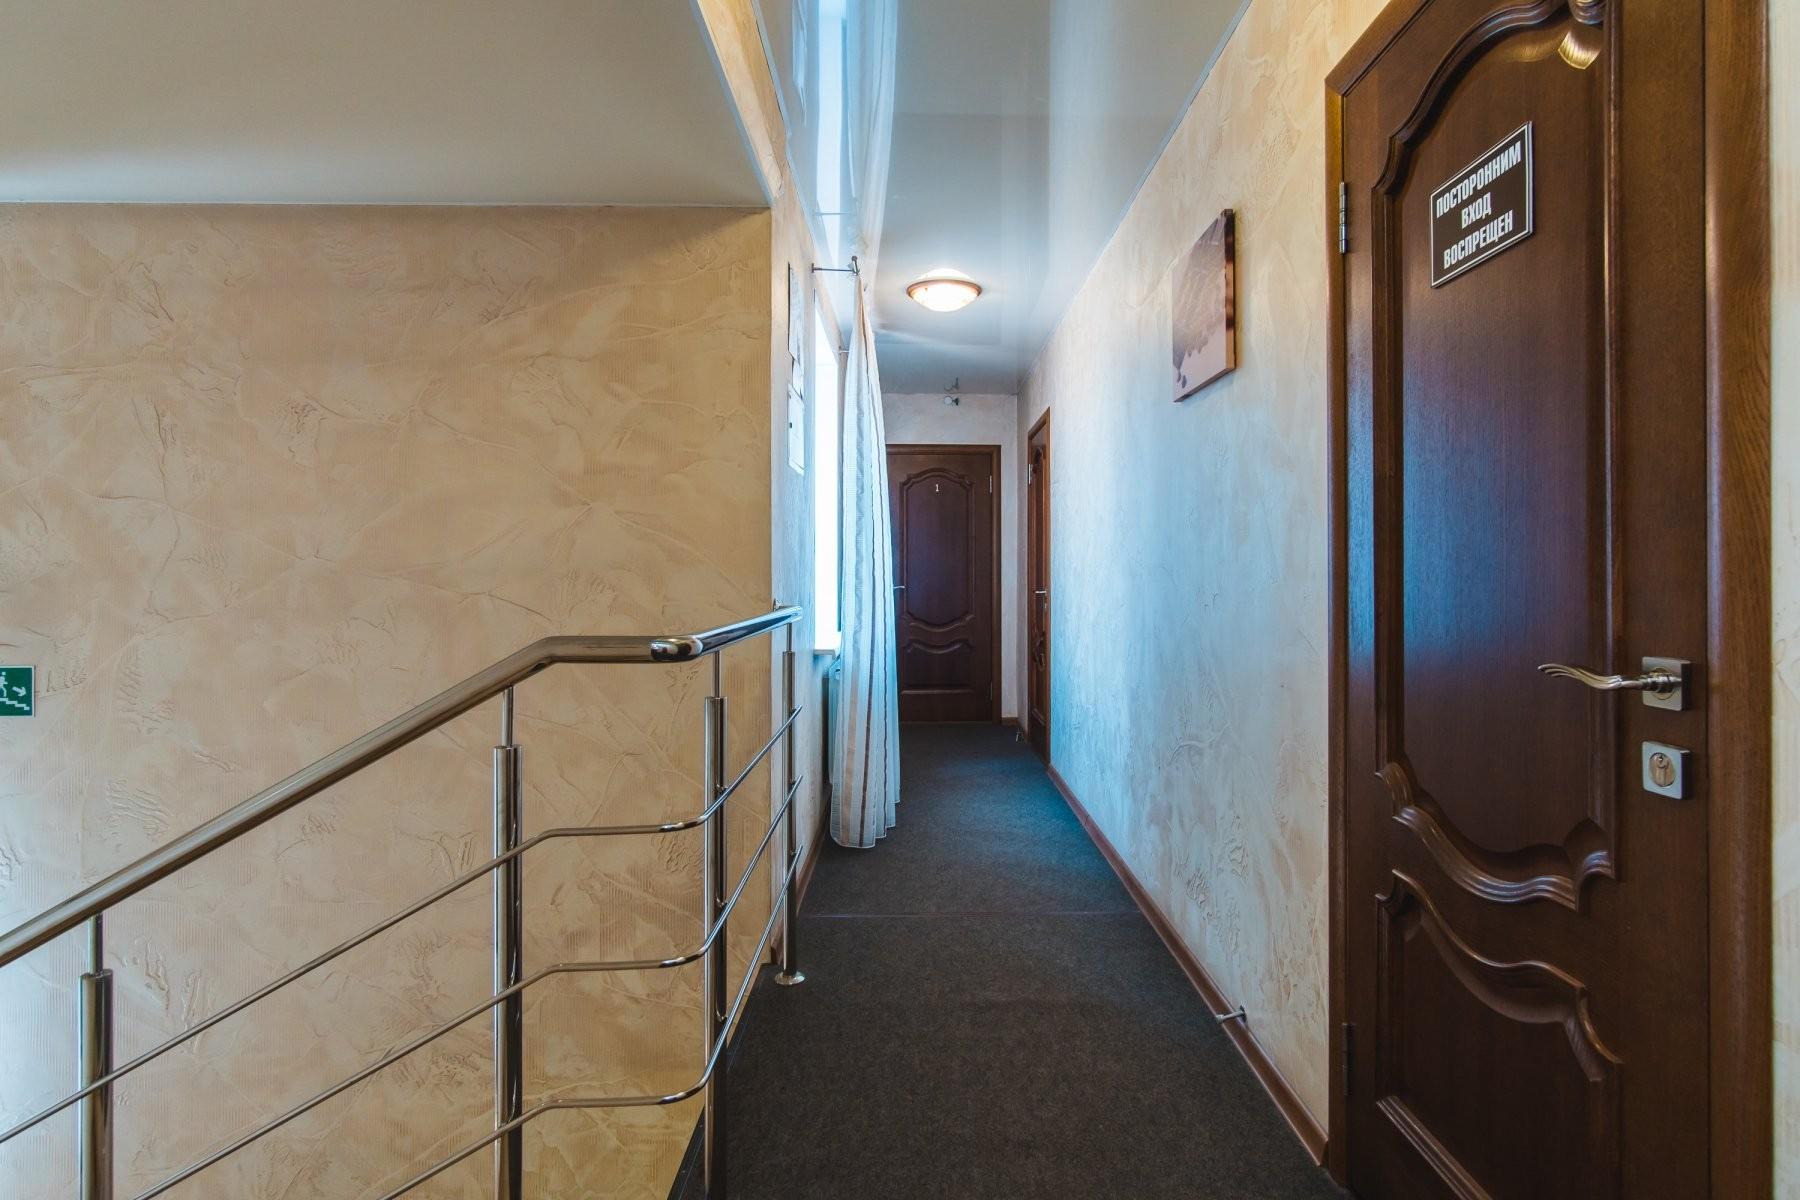 Шоколад, гостиничный комплекс - №40